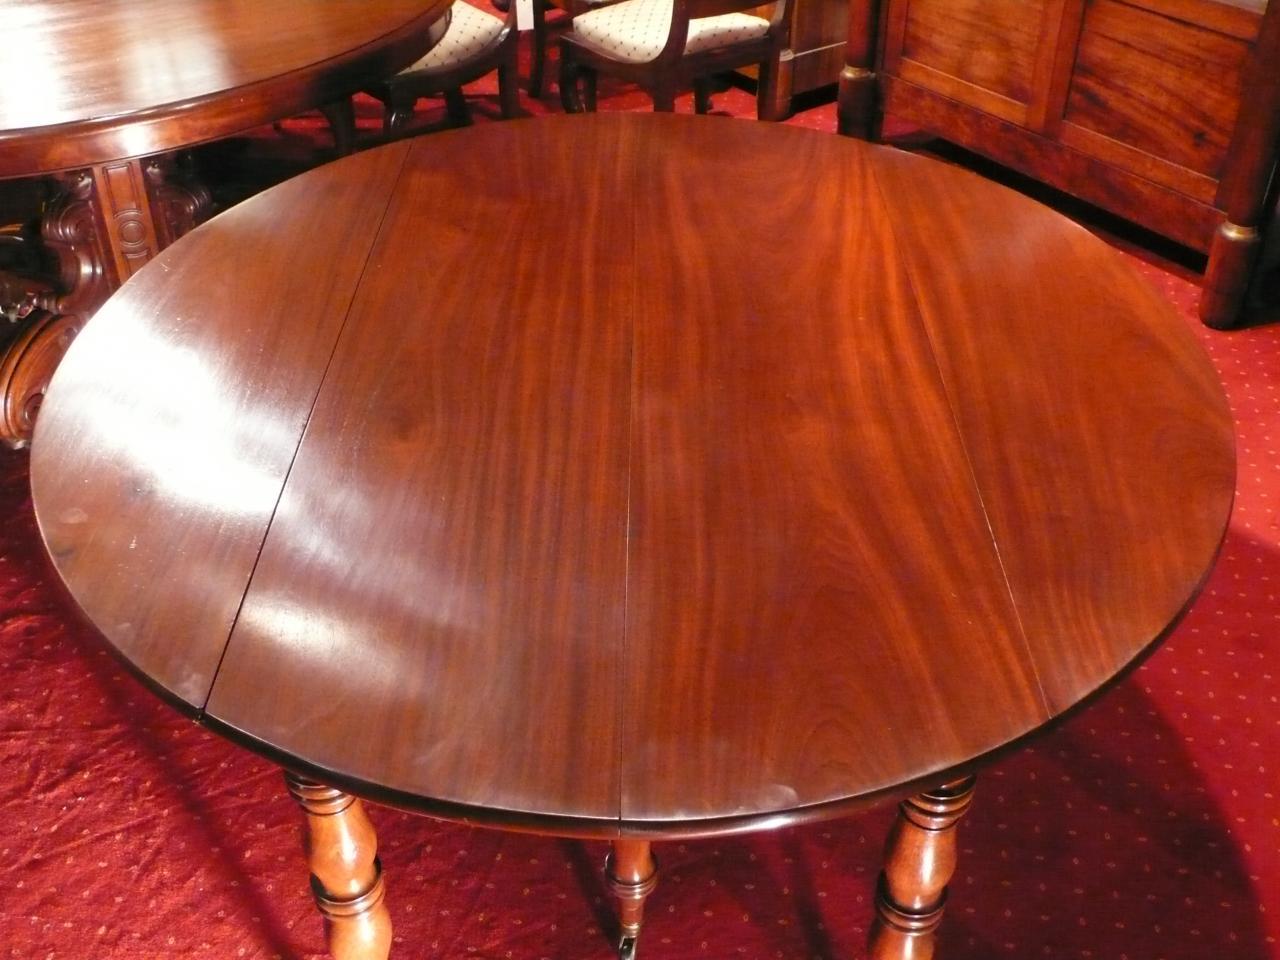 TABLE RONDE 6 PIEDS ACAJOU premier tiers du XIXème siècle.